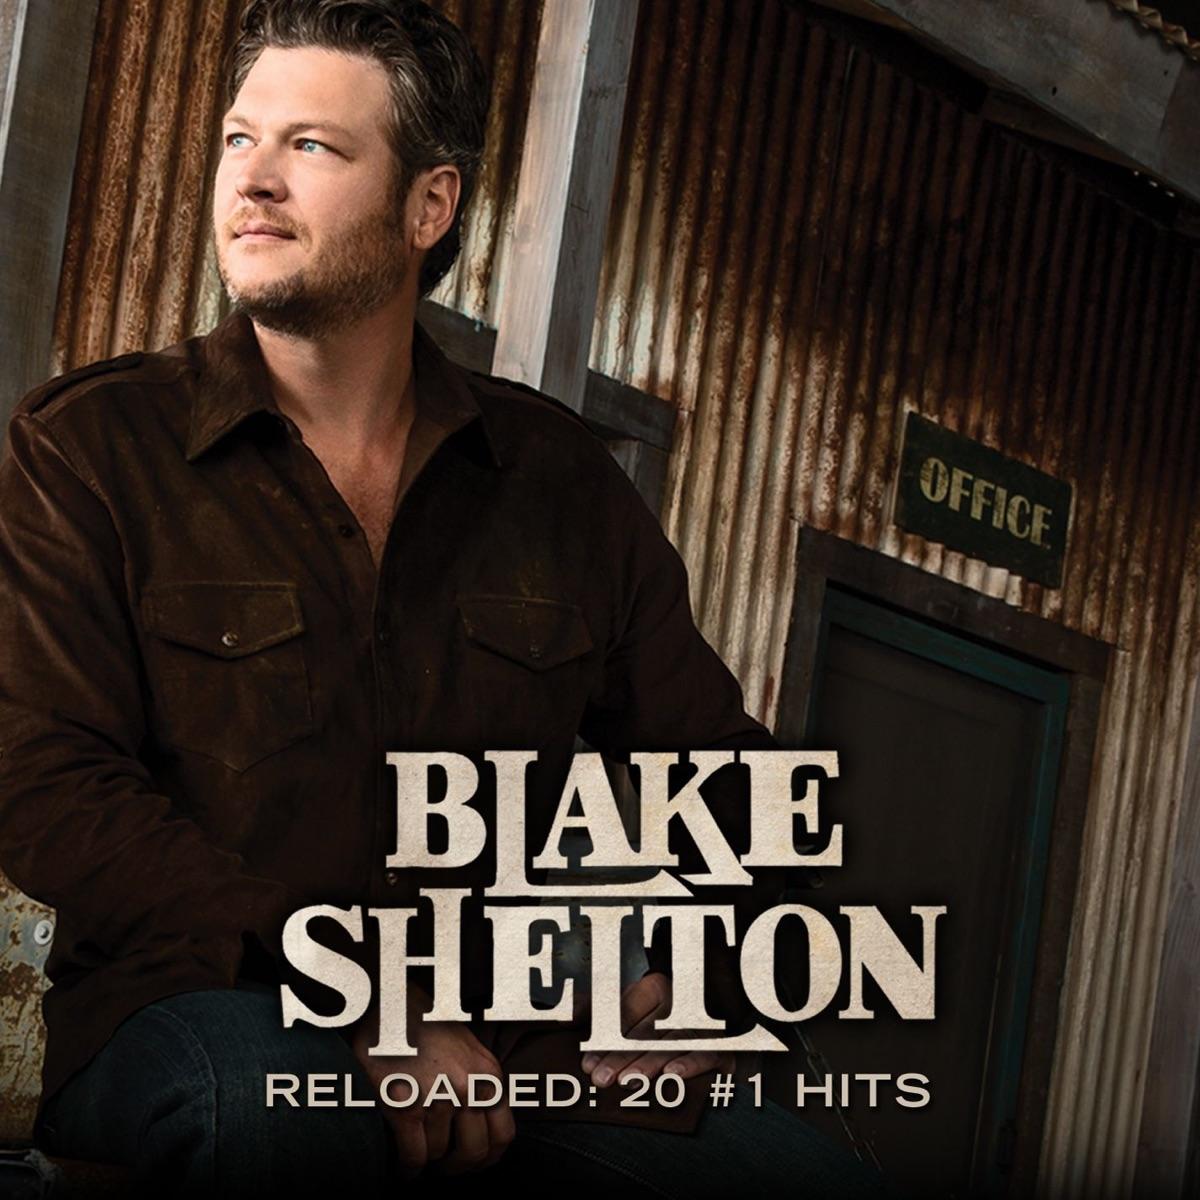 Reloaded 20 1 Hits Blake Shelton CD cover